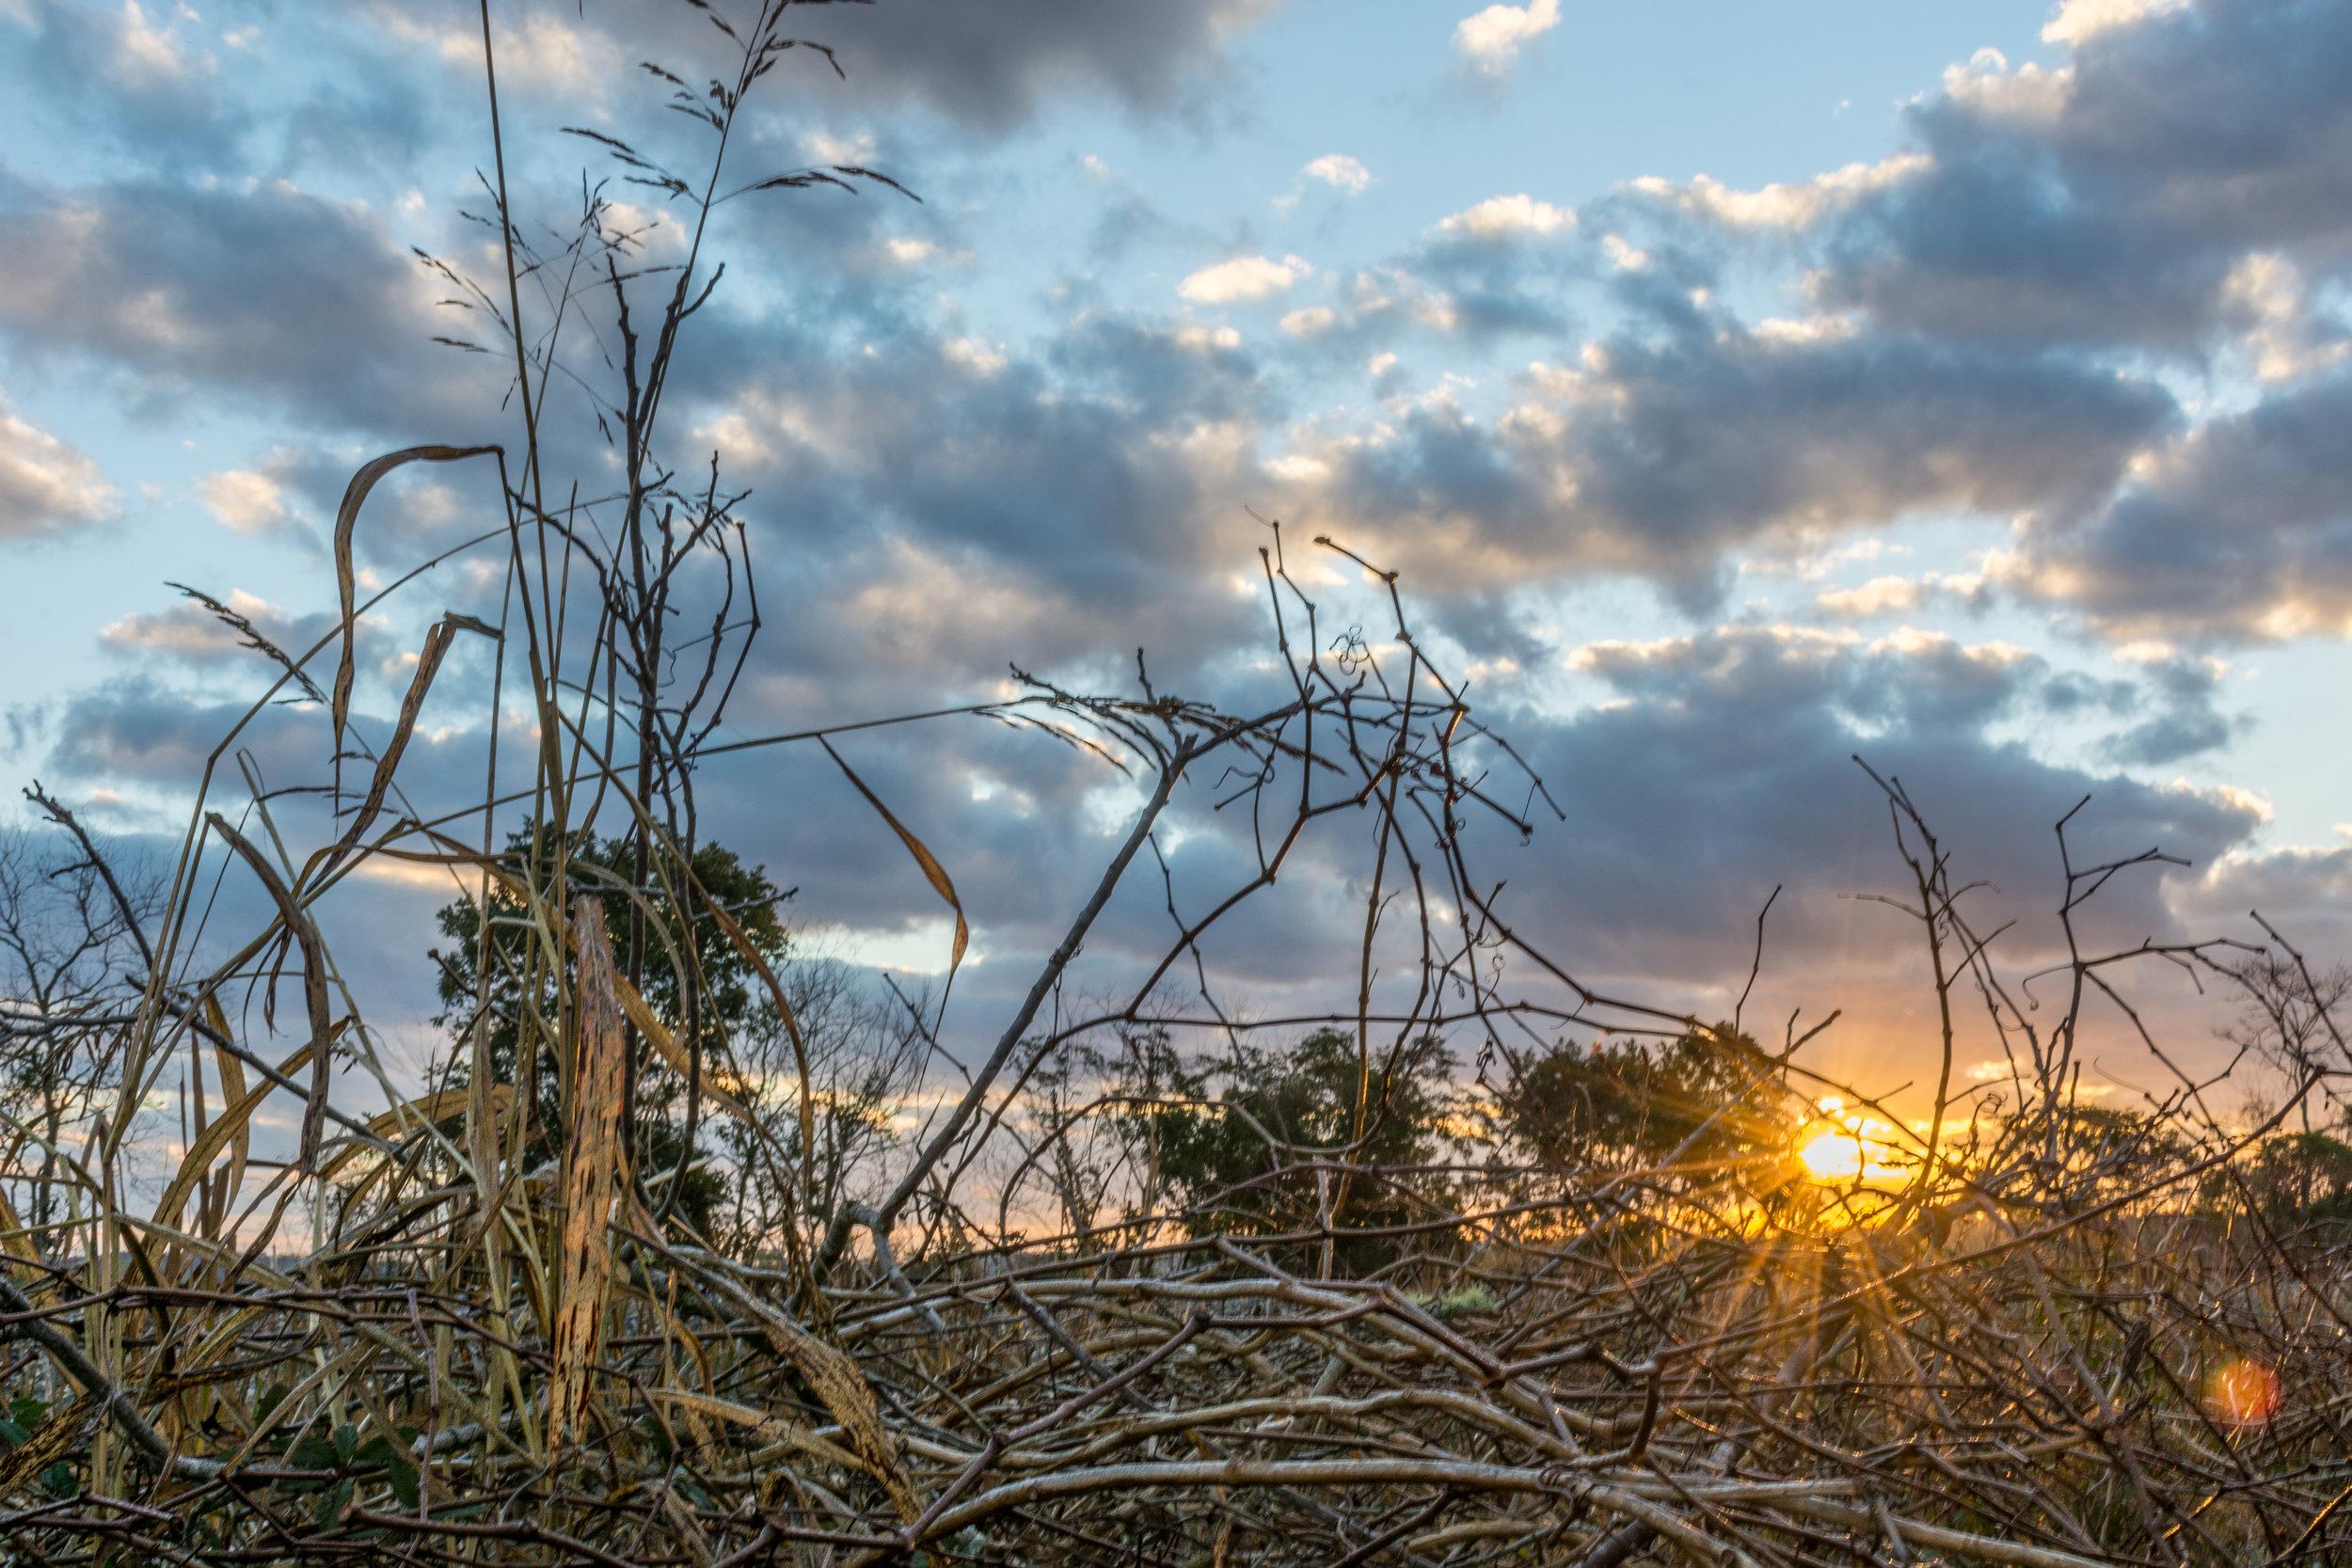 Sunrise-301.jpg